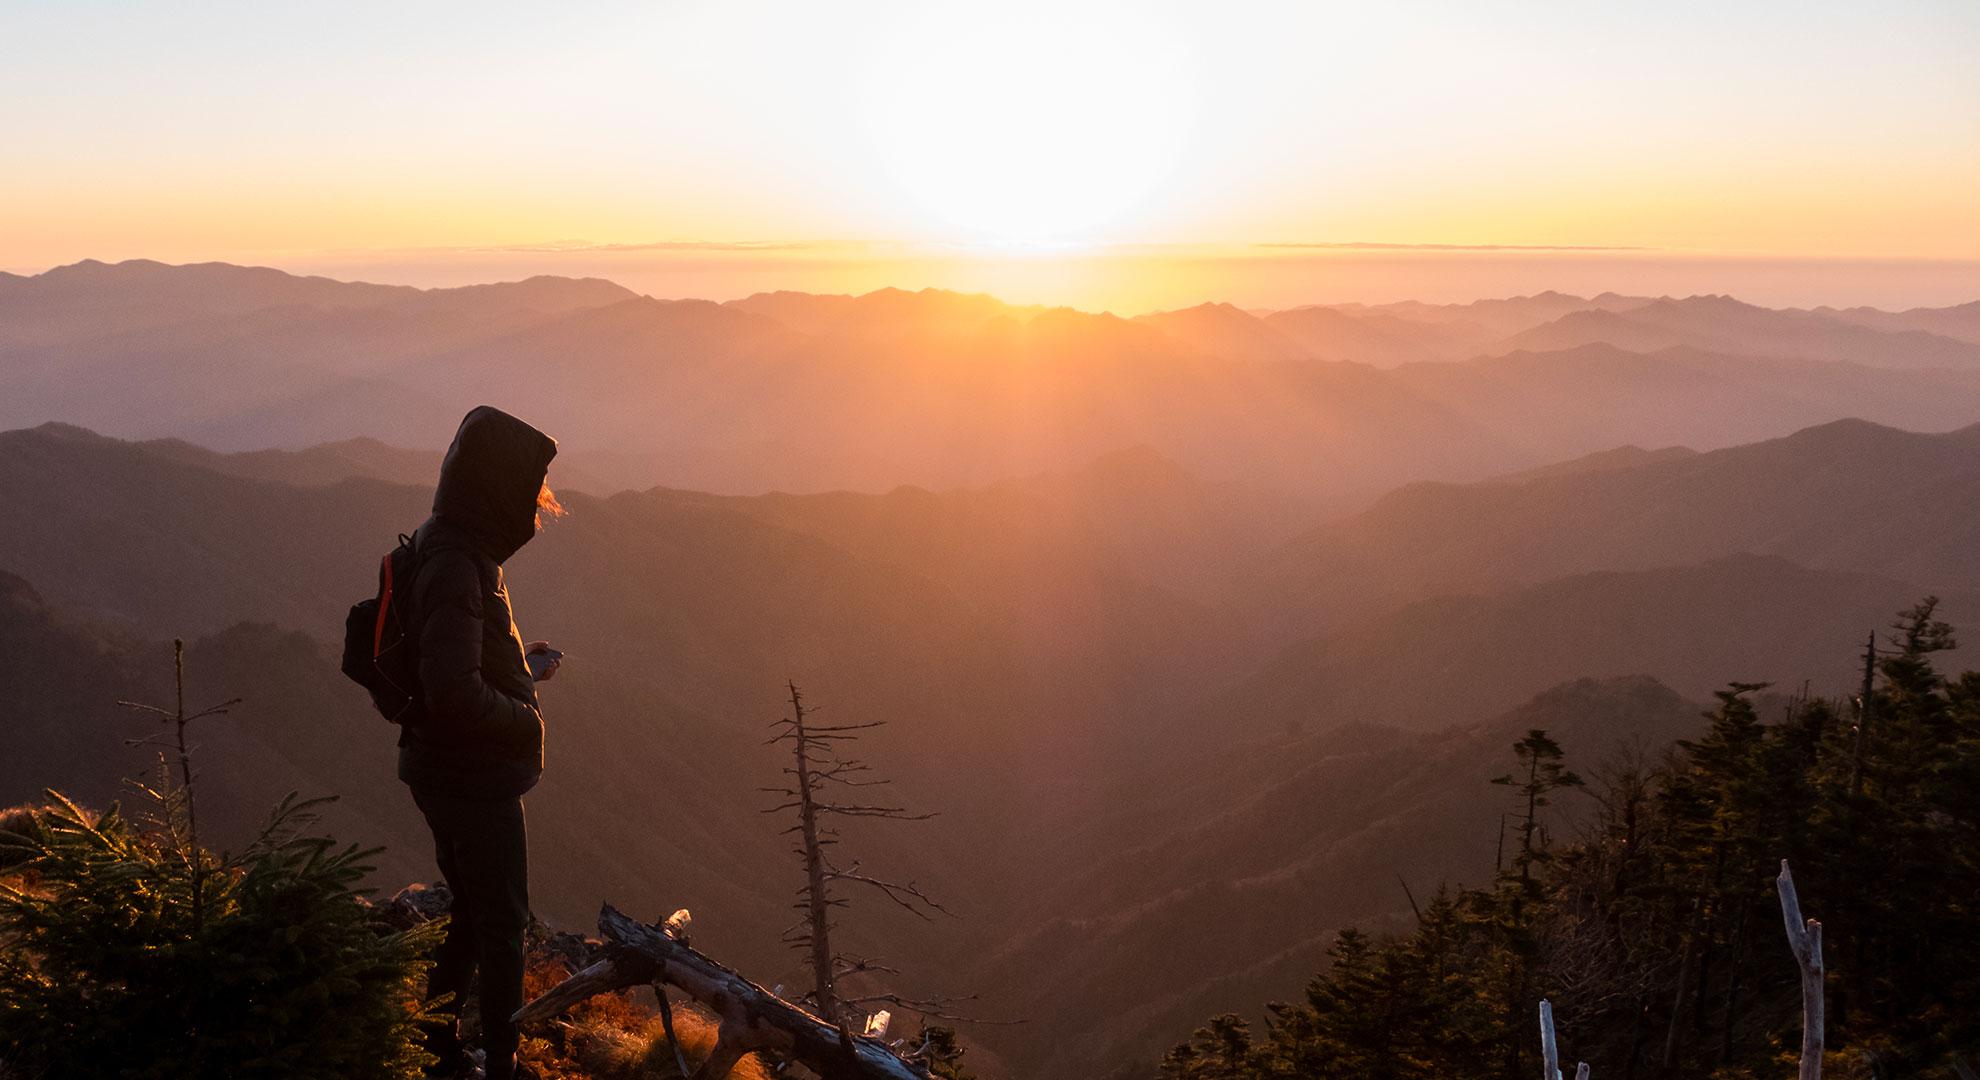 Un trek au cœur des montagnes sacrées de Kumano